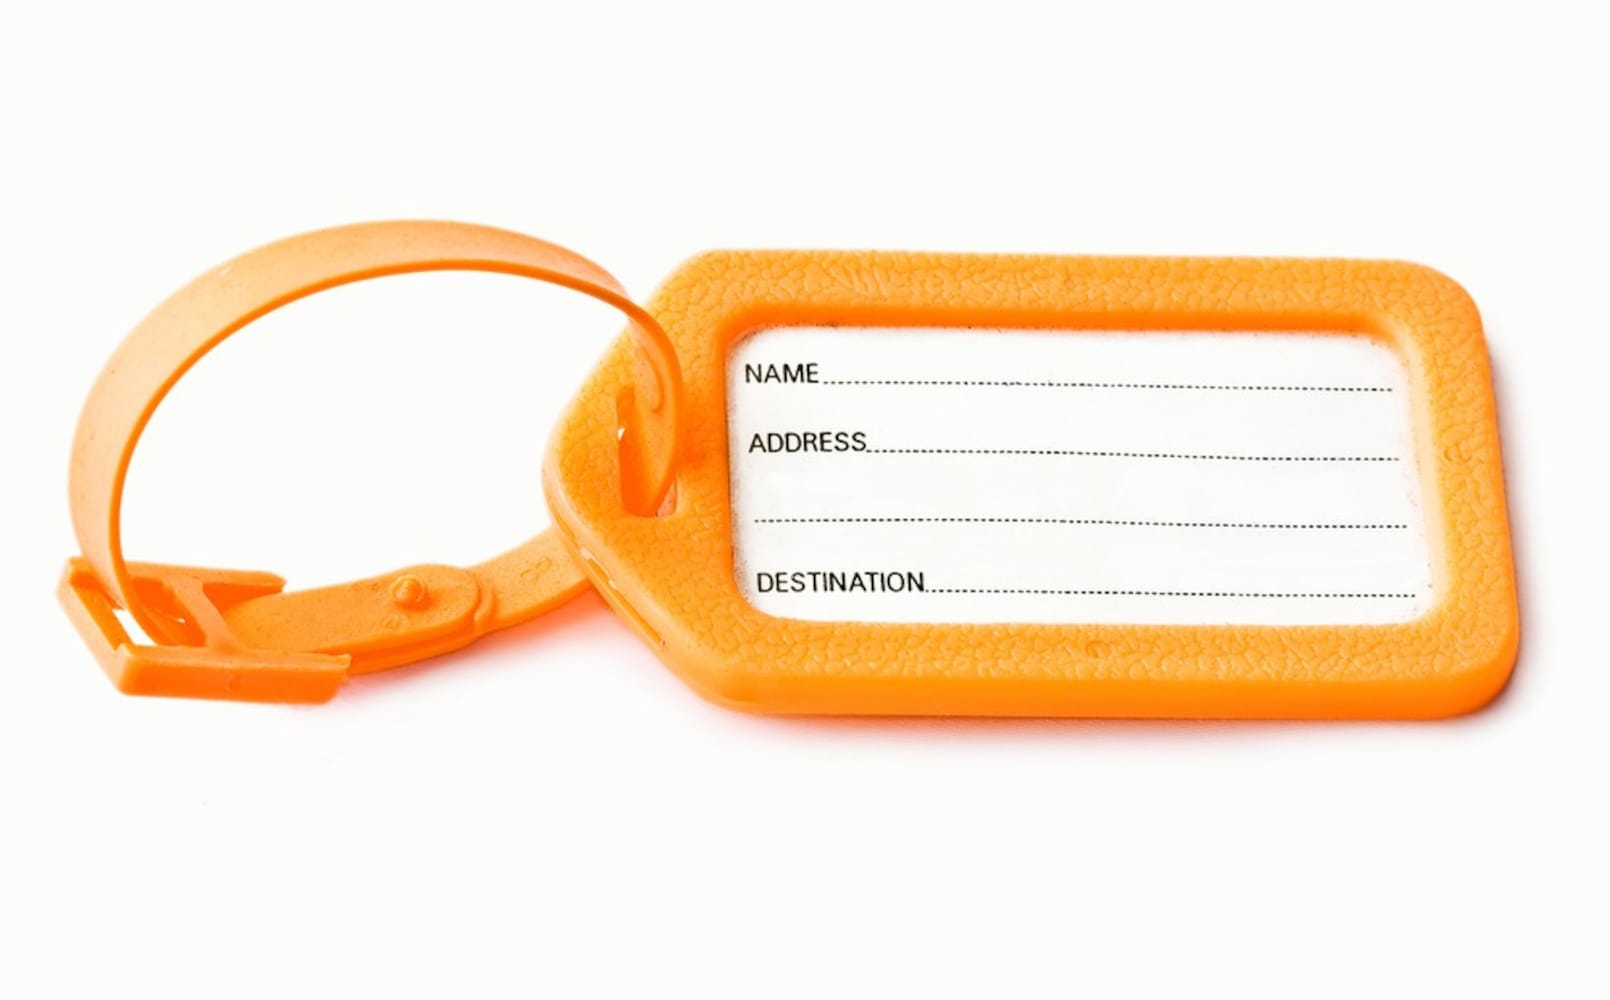 オレンジ色のスーツケース用ネームタグ